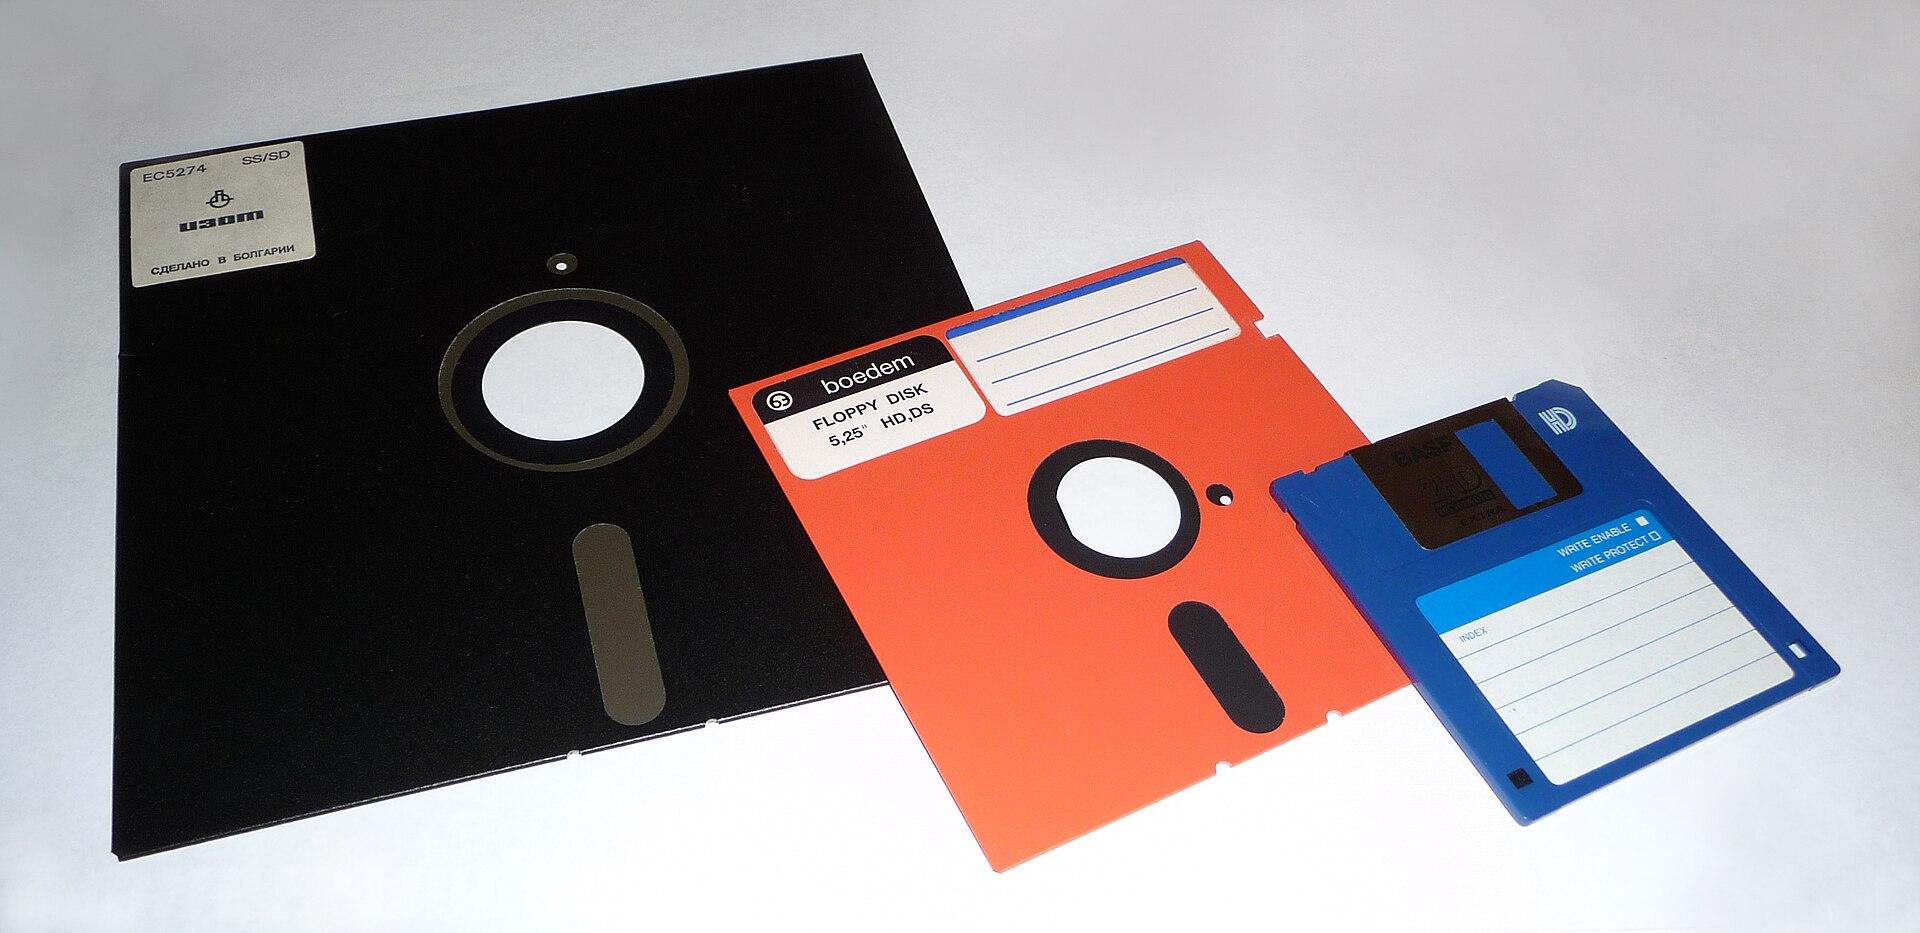 https://upload.wikimedia.org/wikipedia/commons/thumb/a/aa/Floppy_disk_2009_G1.jpg/1920px-Floppy_disk_2009_G1.jpg